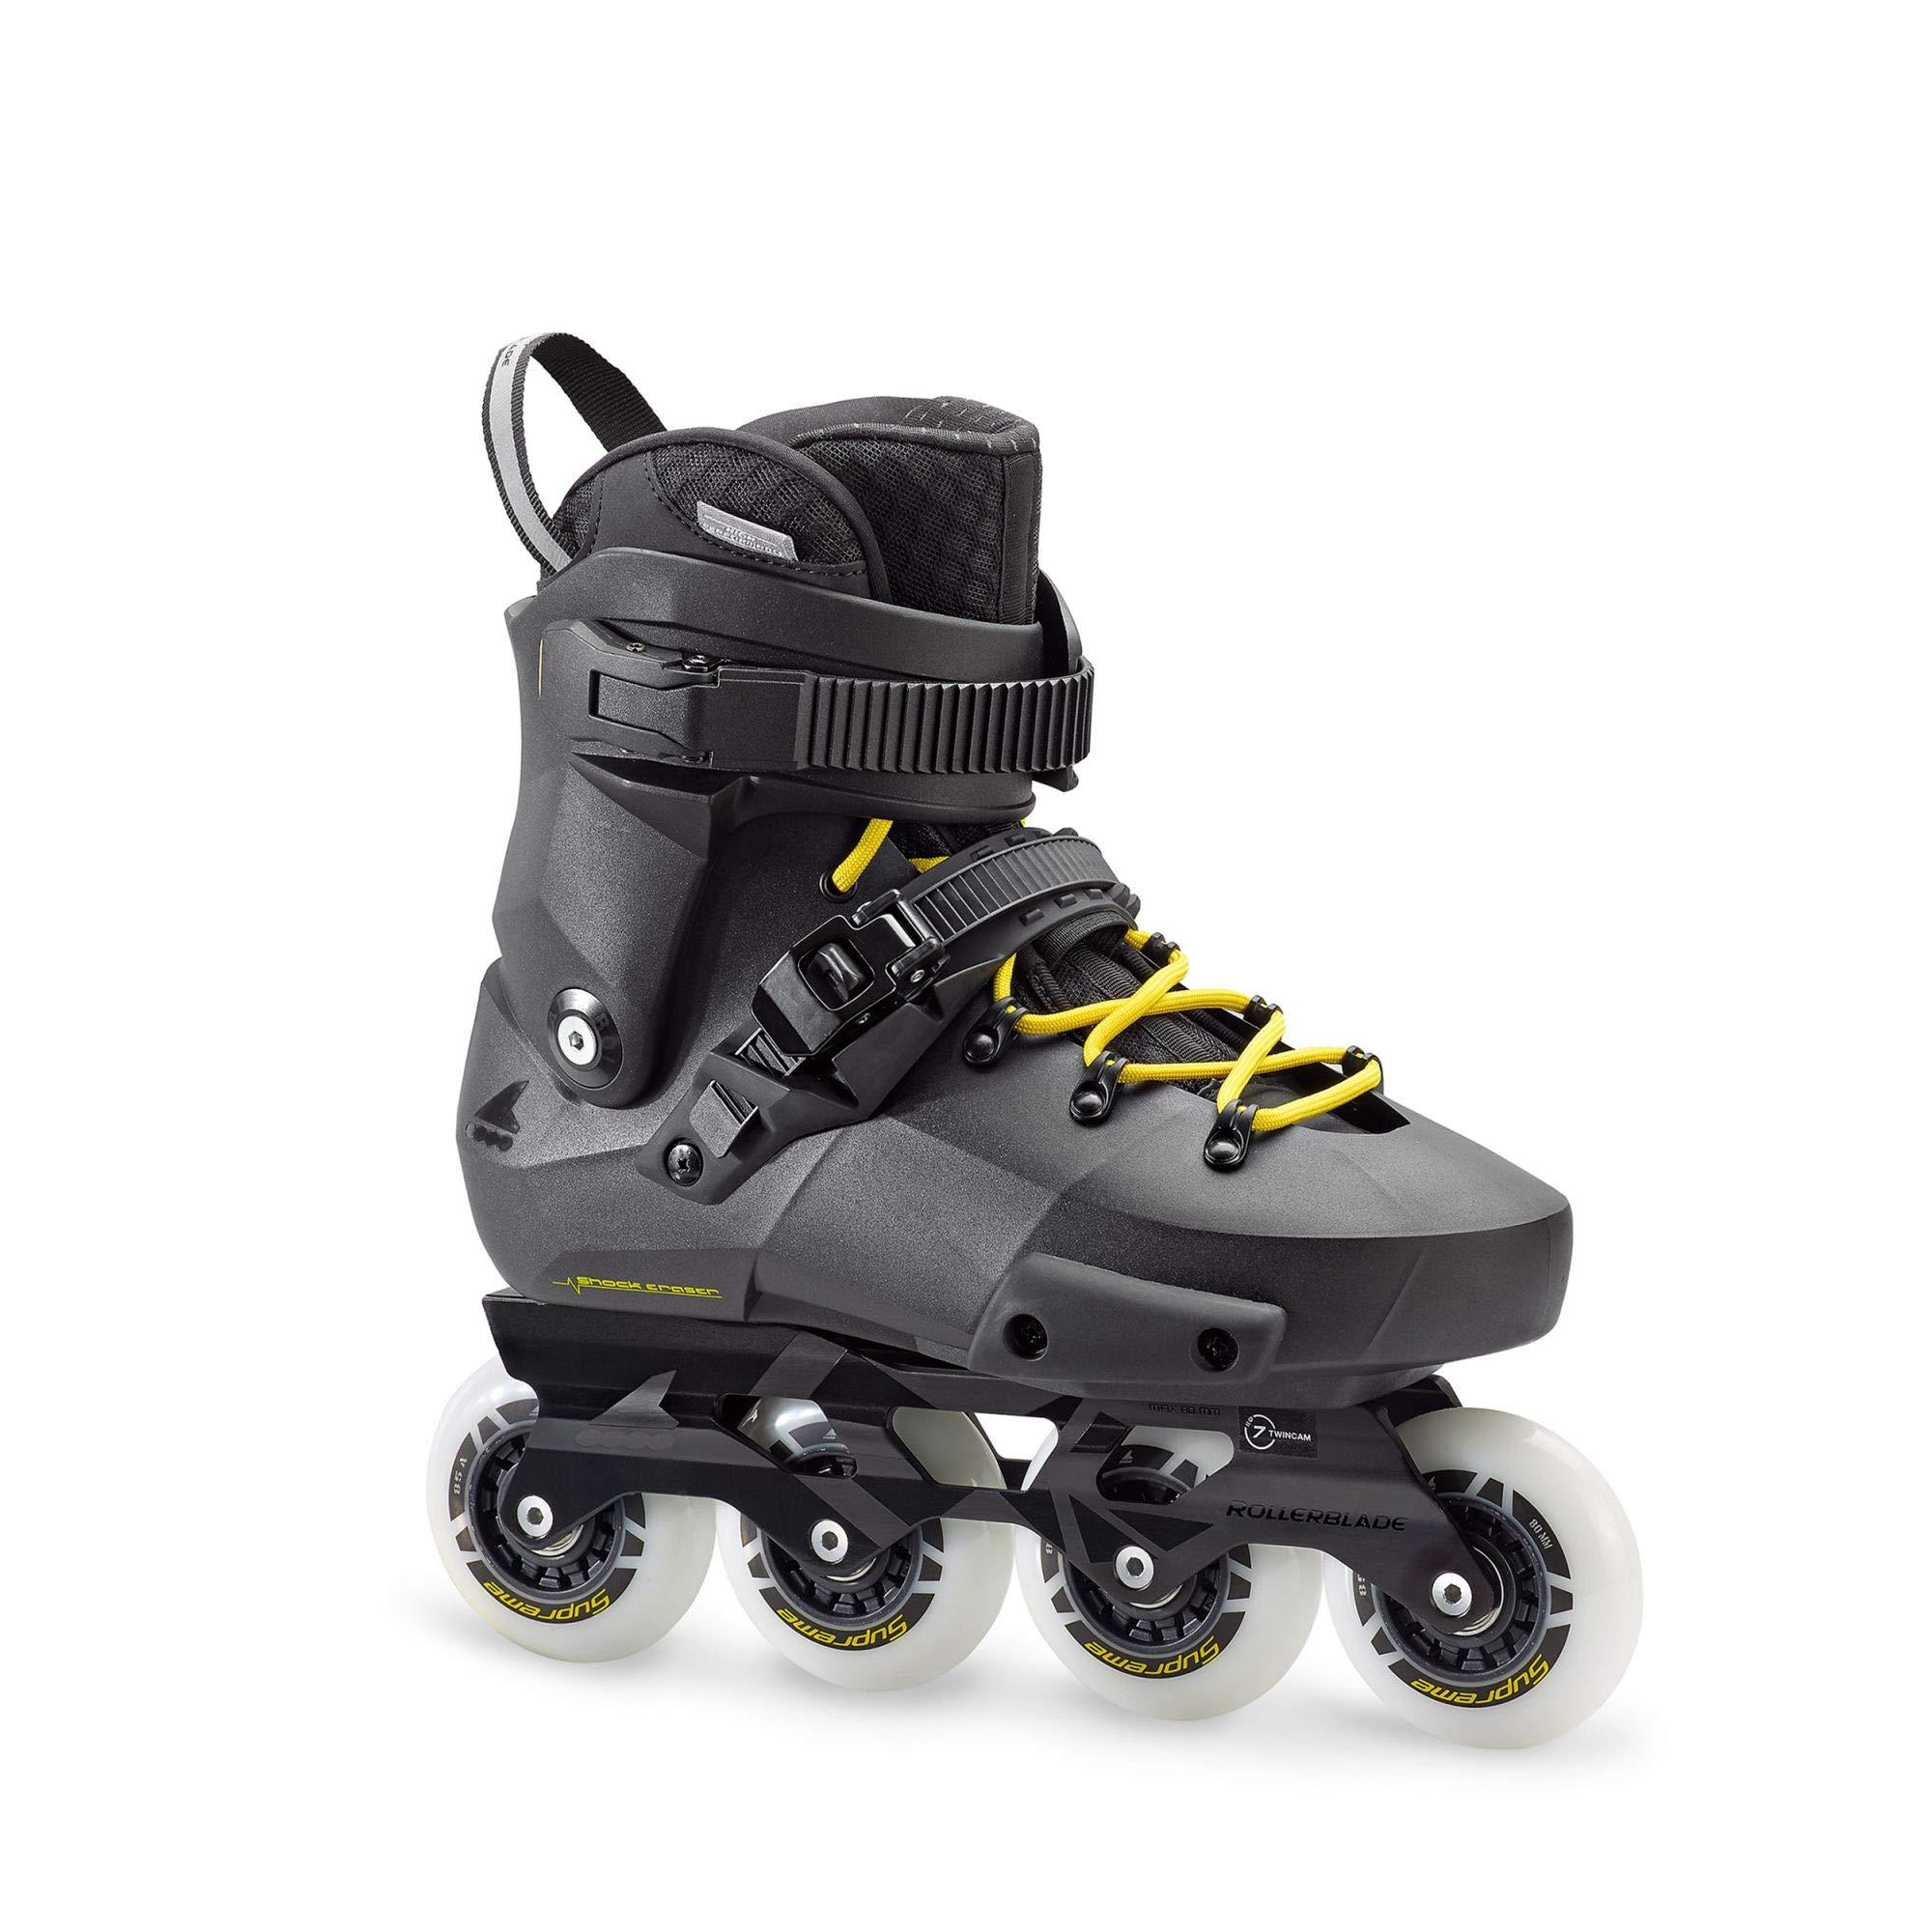 Unisex/_Adult 07847500 800 Unisex Adult Rollerblade Skates Twister Edge